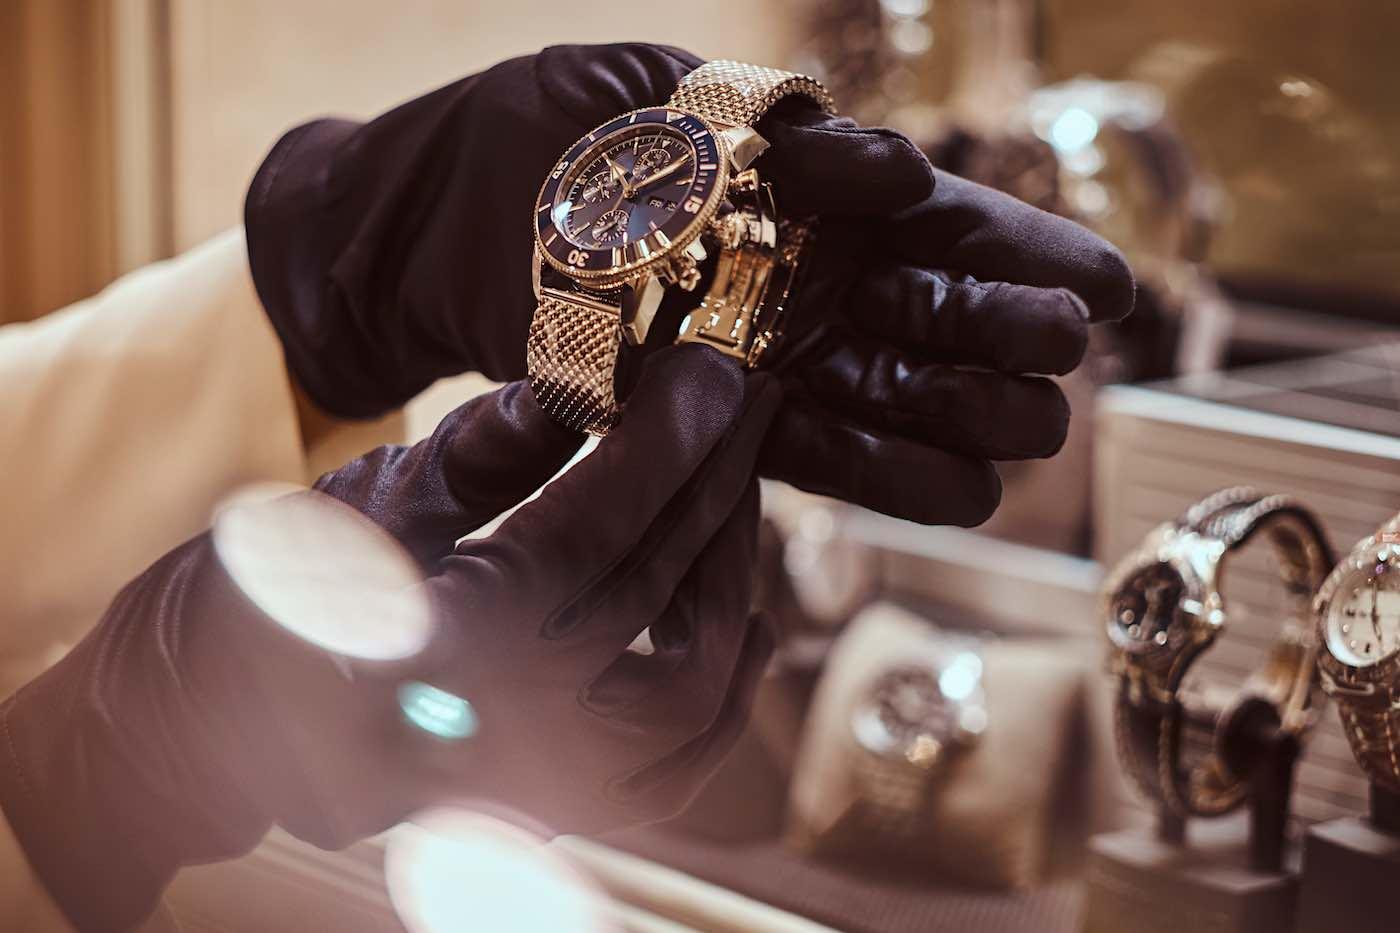 El lujo de subastar relojes y joyas desde la vertiente artística.